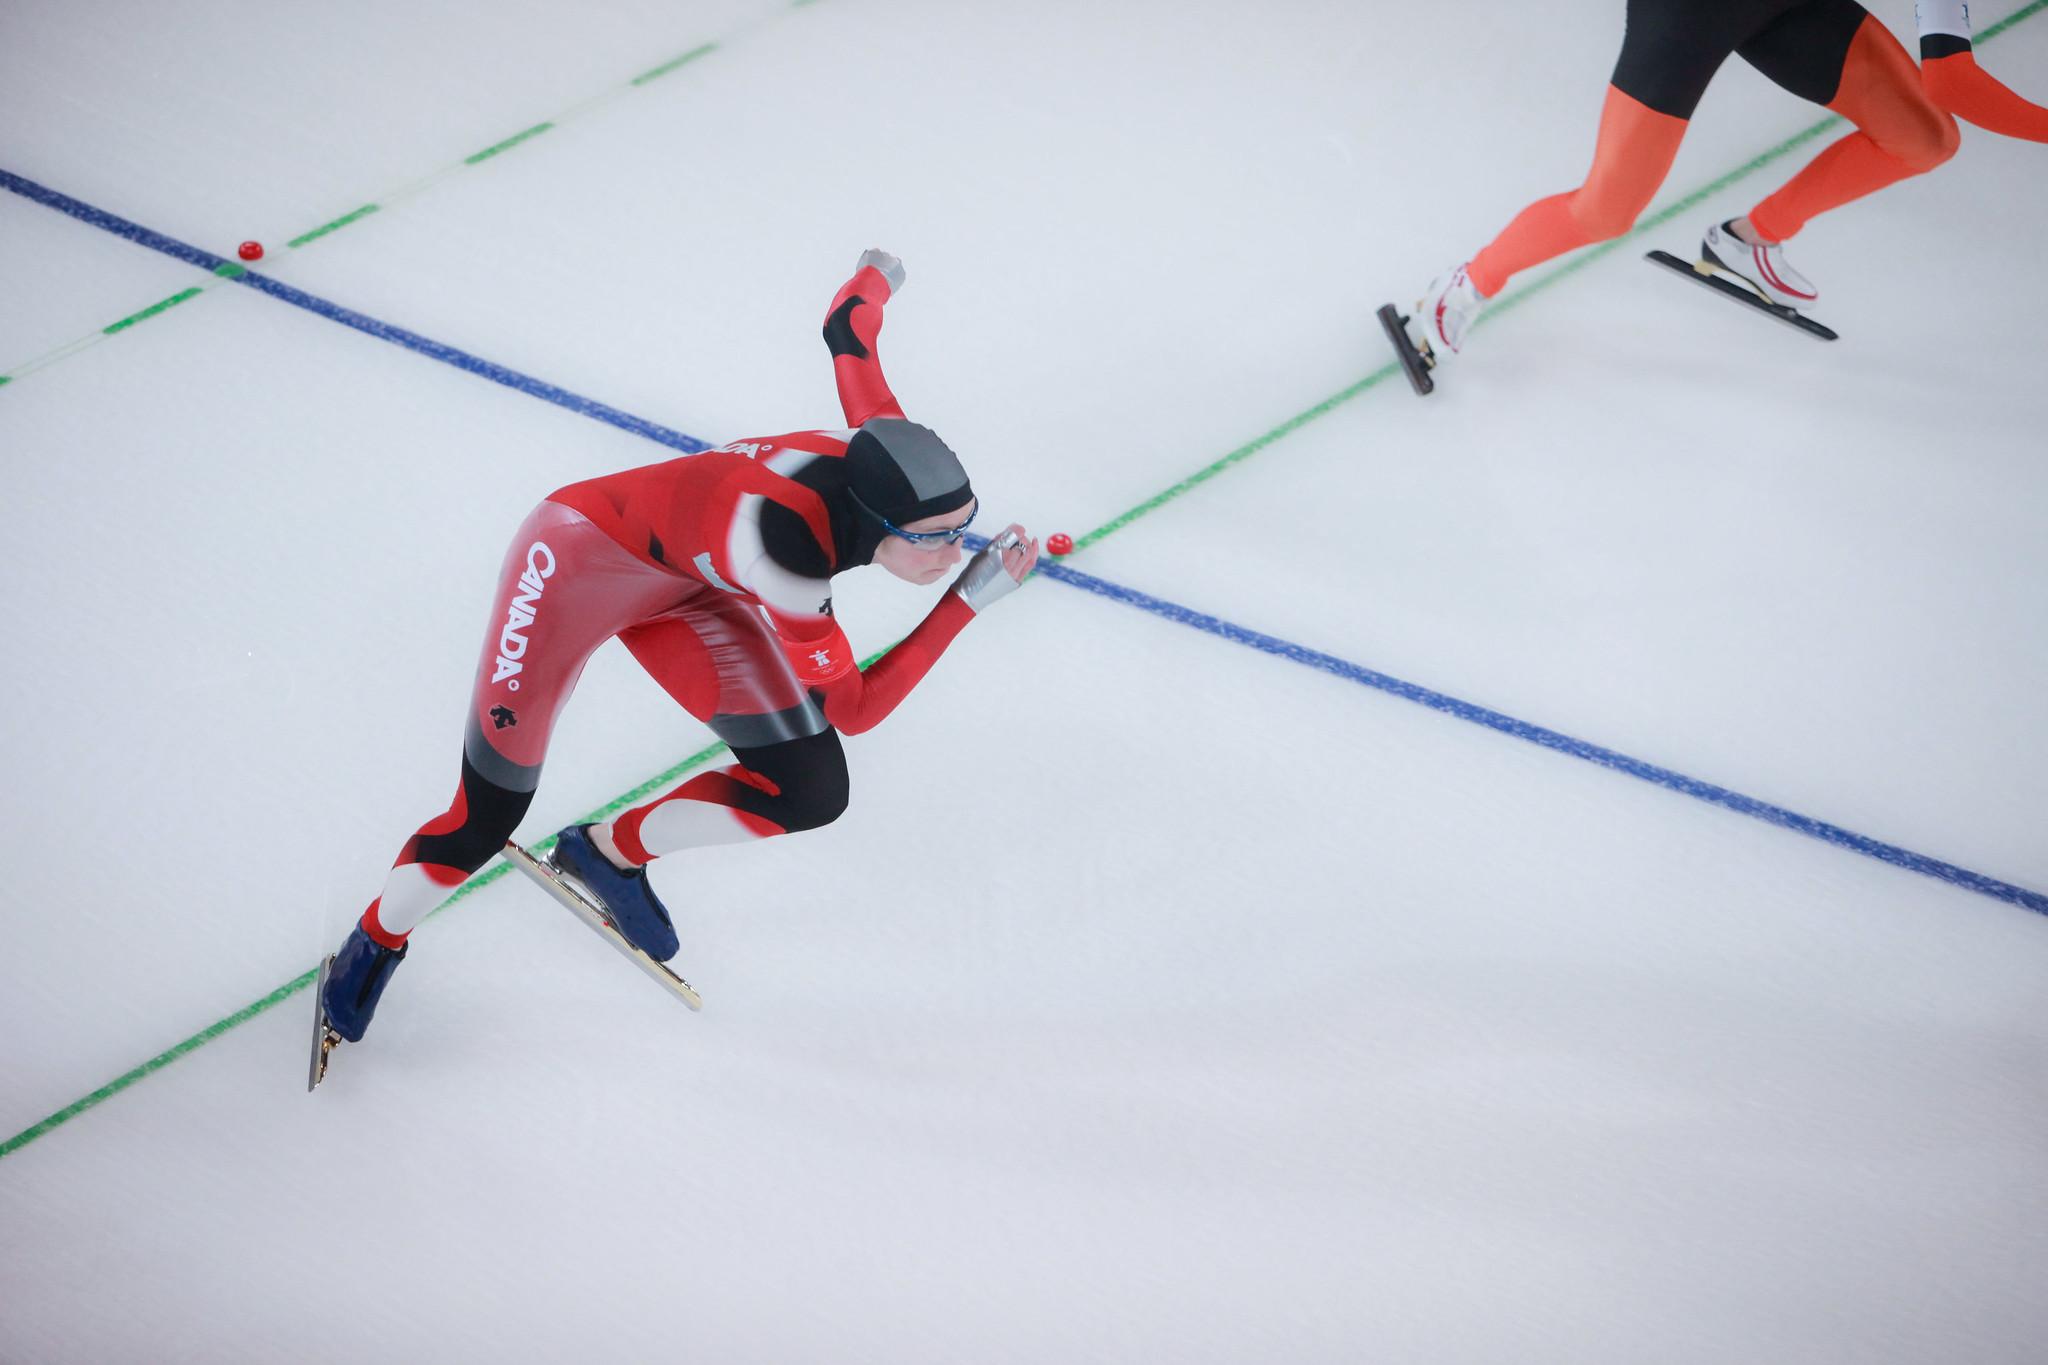 ワールドカップスピードスケート2019/20長野 結果速報・出場選手日程